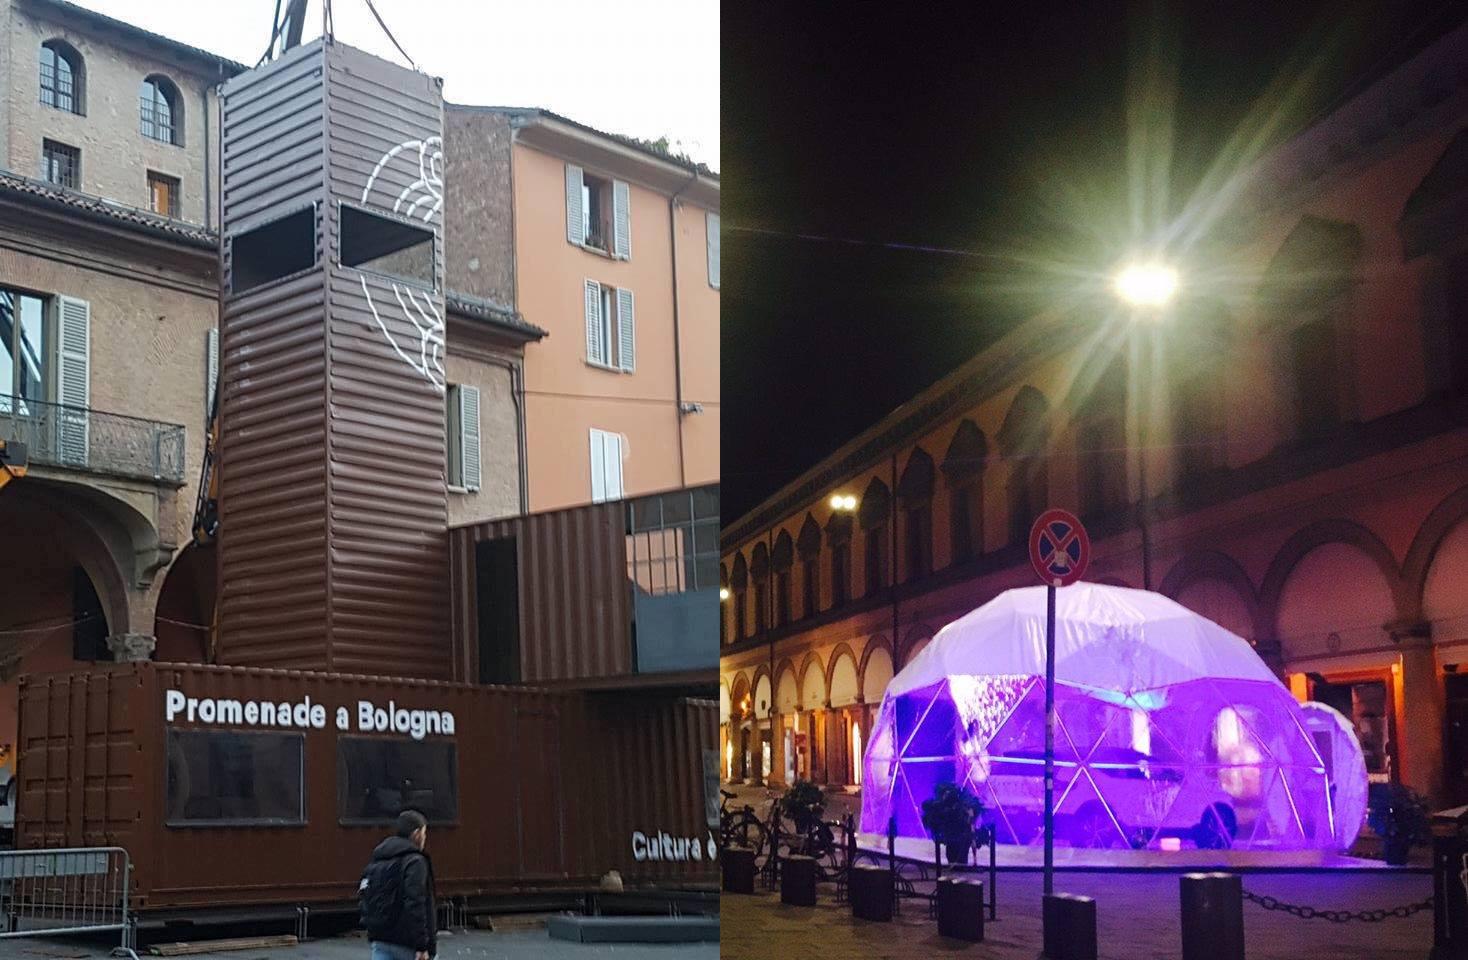 Paesaggi e miraggi in piazza Verdi e piazza Galvani. E intanto L'Altro Spazio colleziona multe